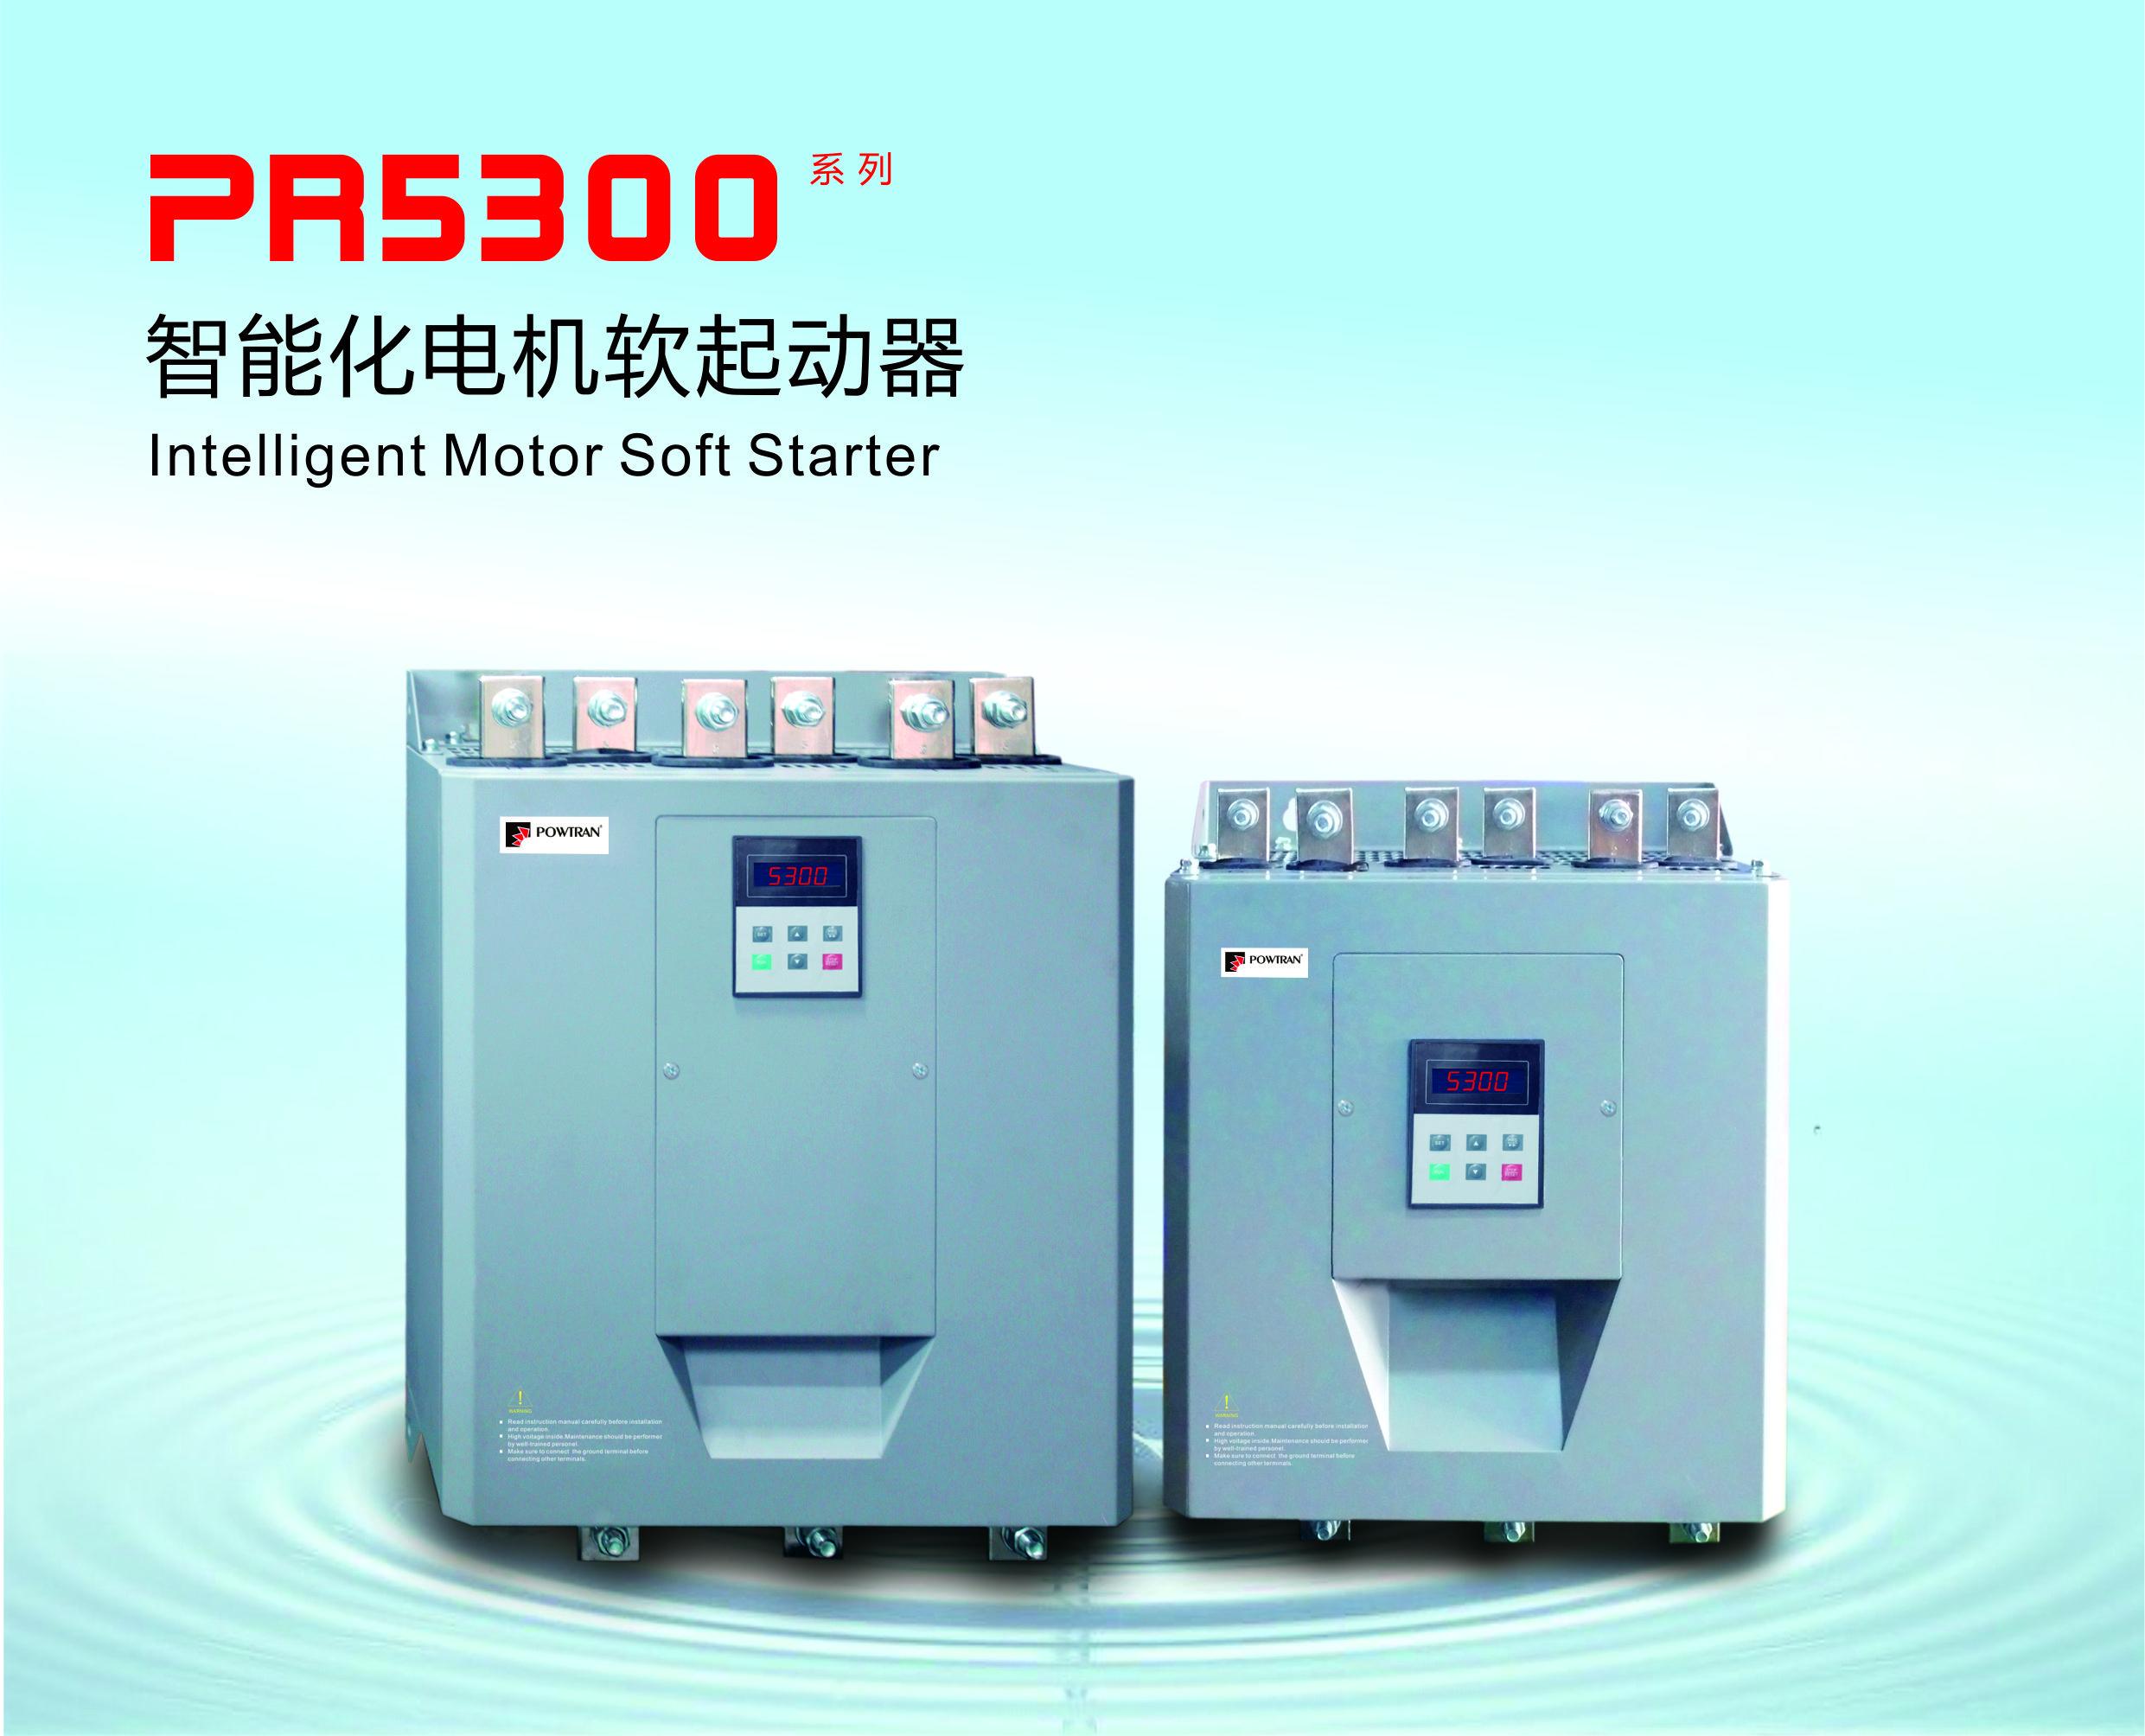 供应普传PR5300系列在线智能化电机软起动器